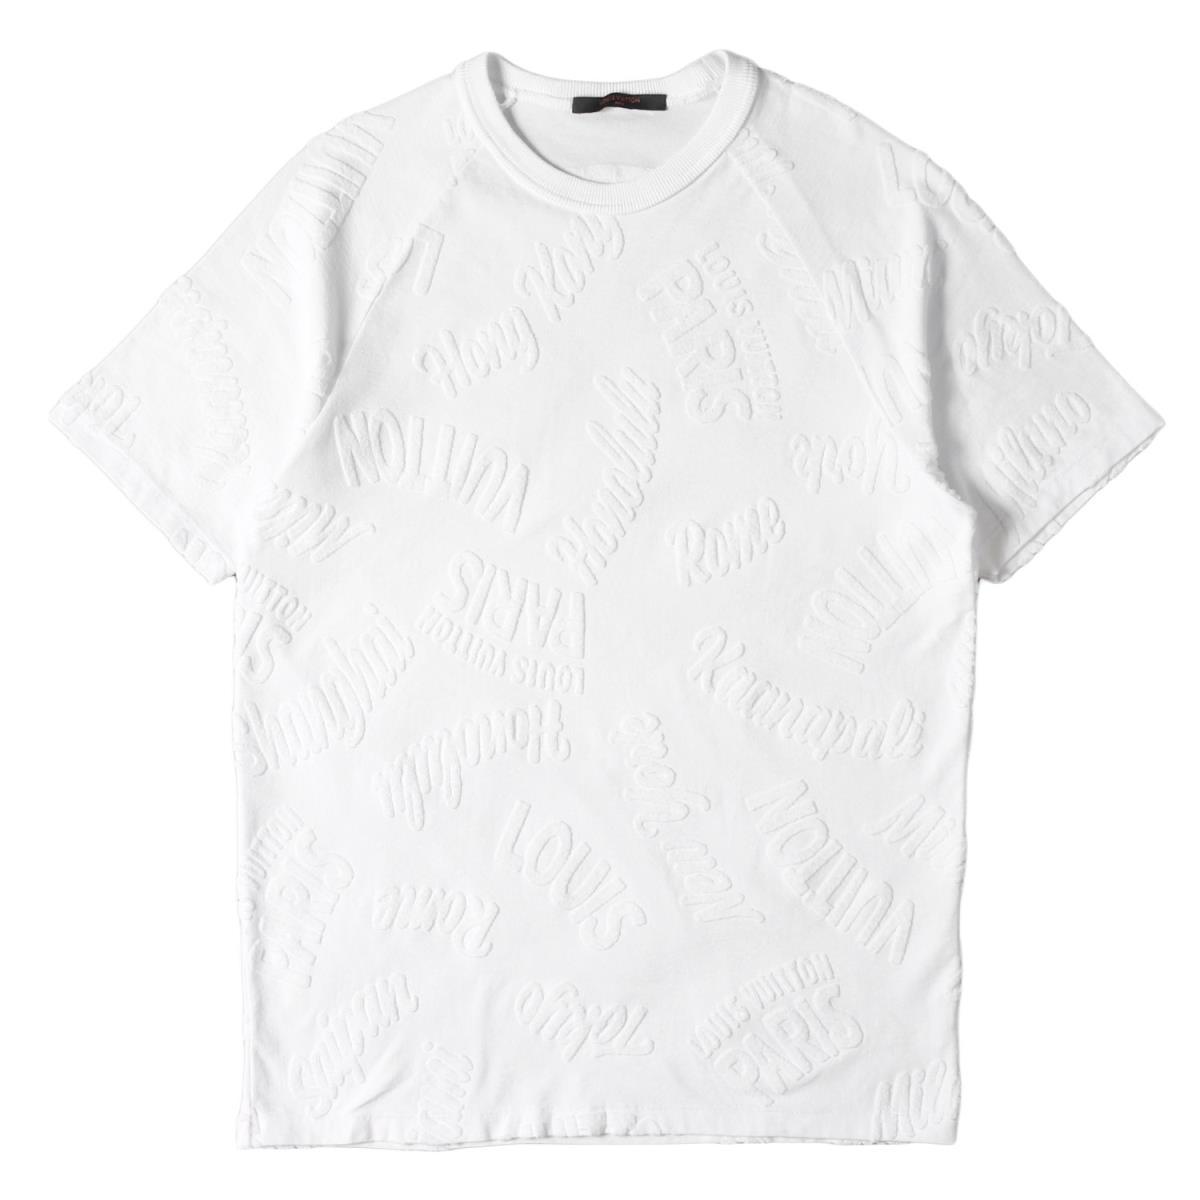 トップス, Tシャツ・カットソー LOUIS VUITTON T T 18SS L K2755